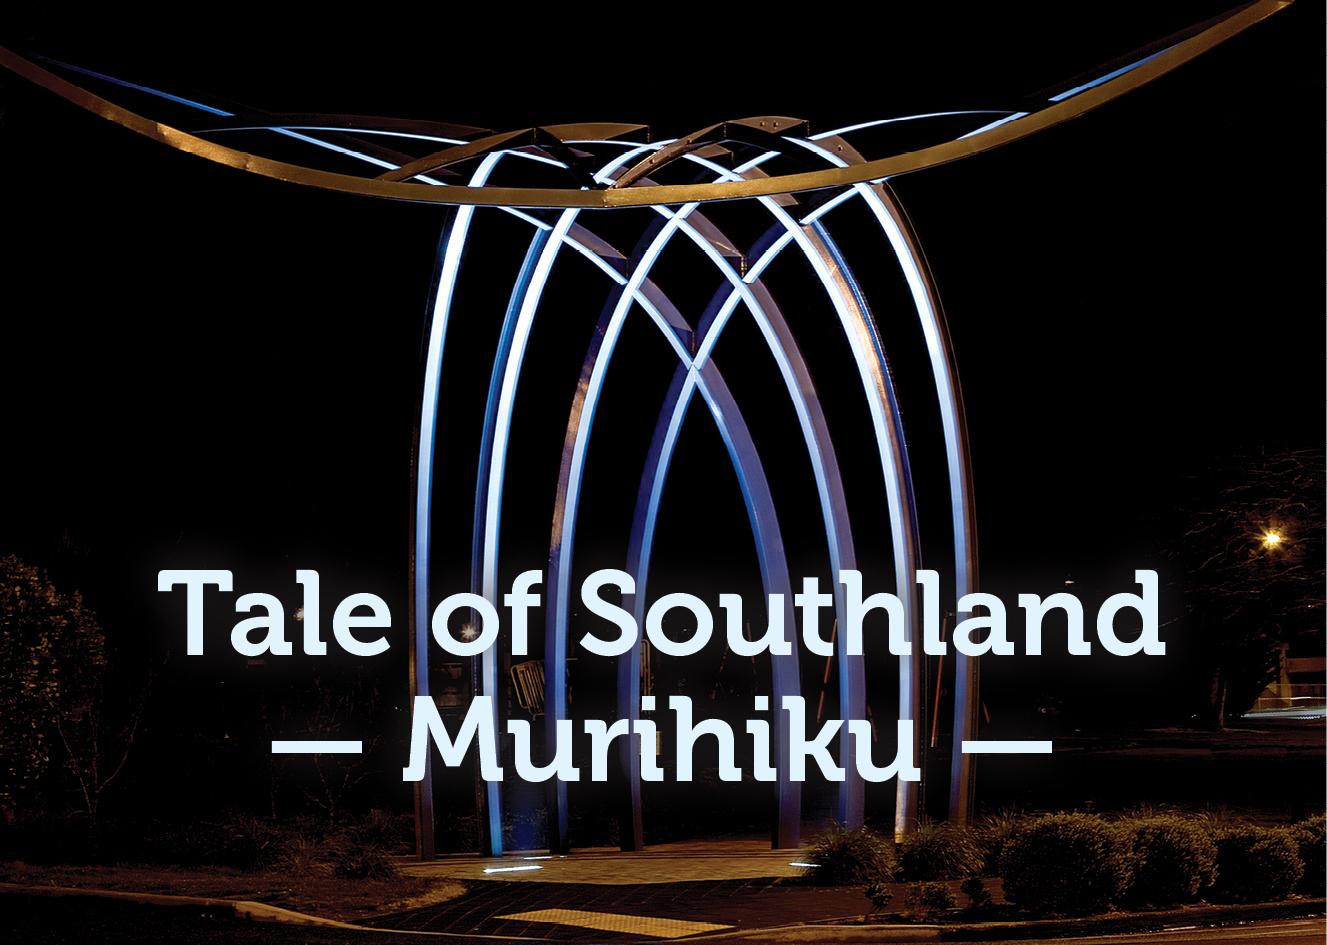 Tale of Southland — Murihiku